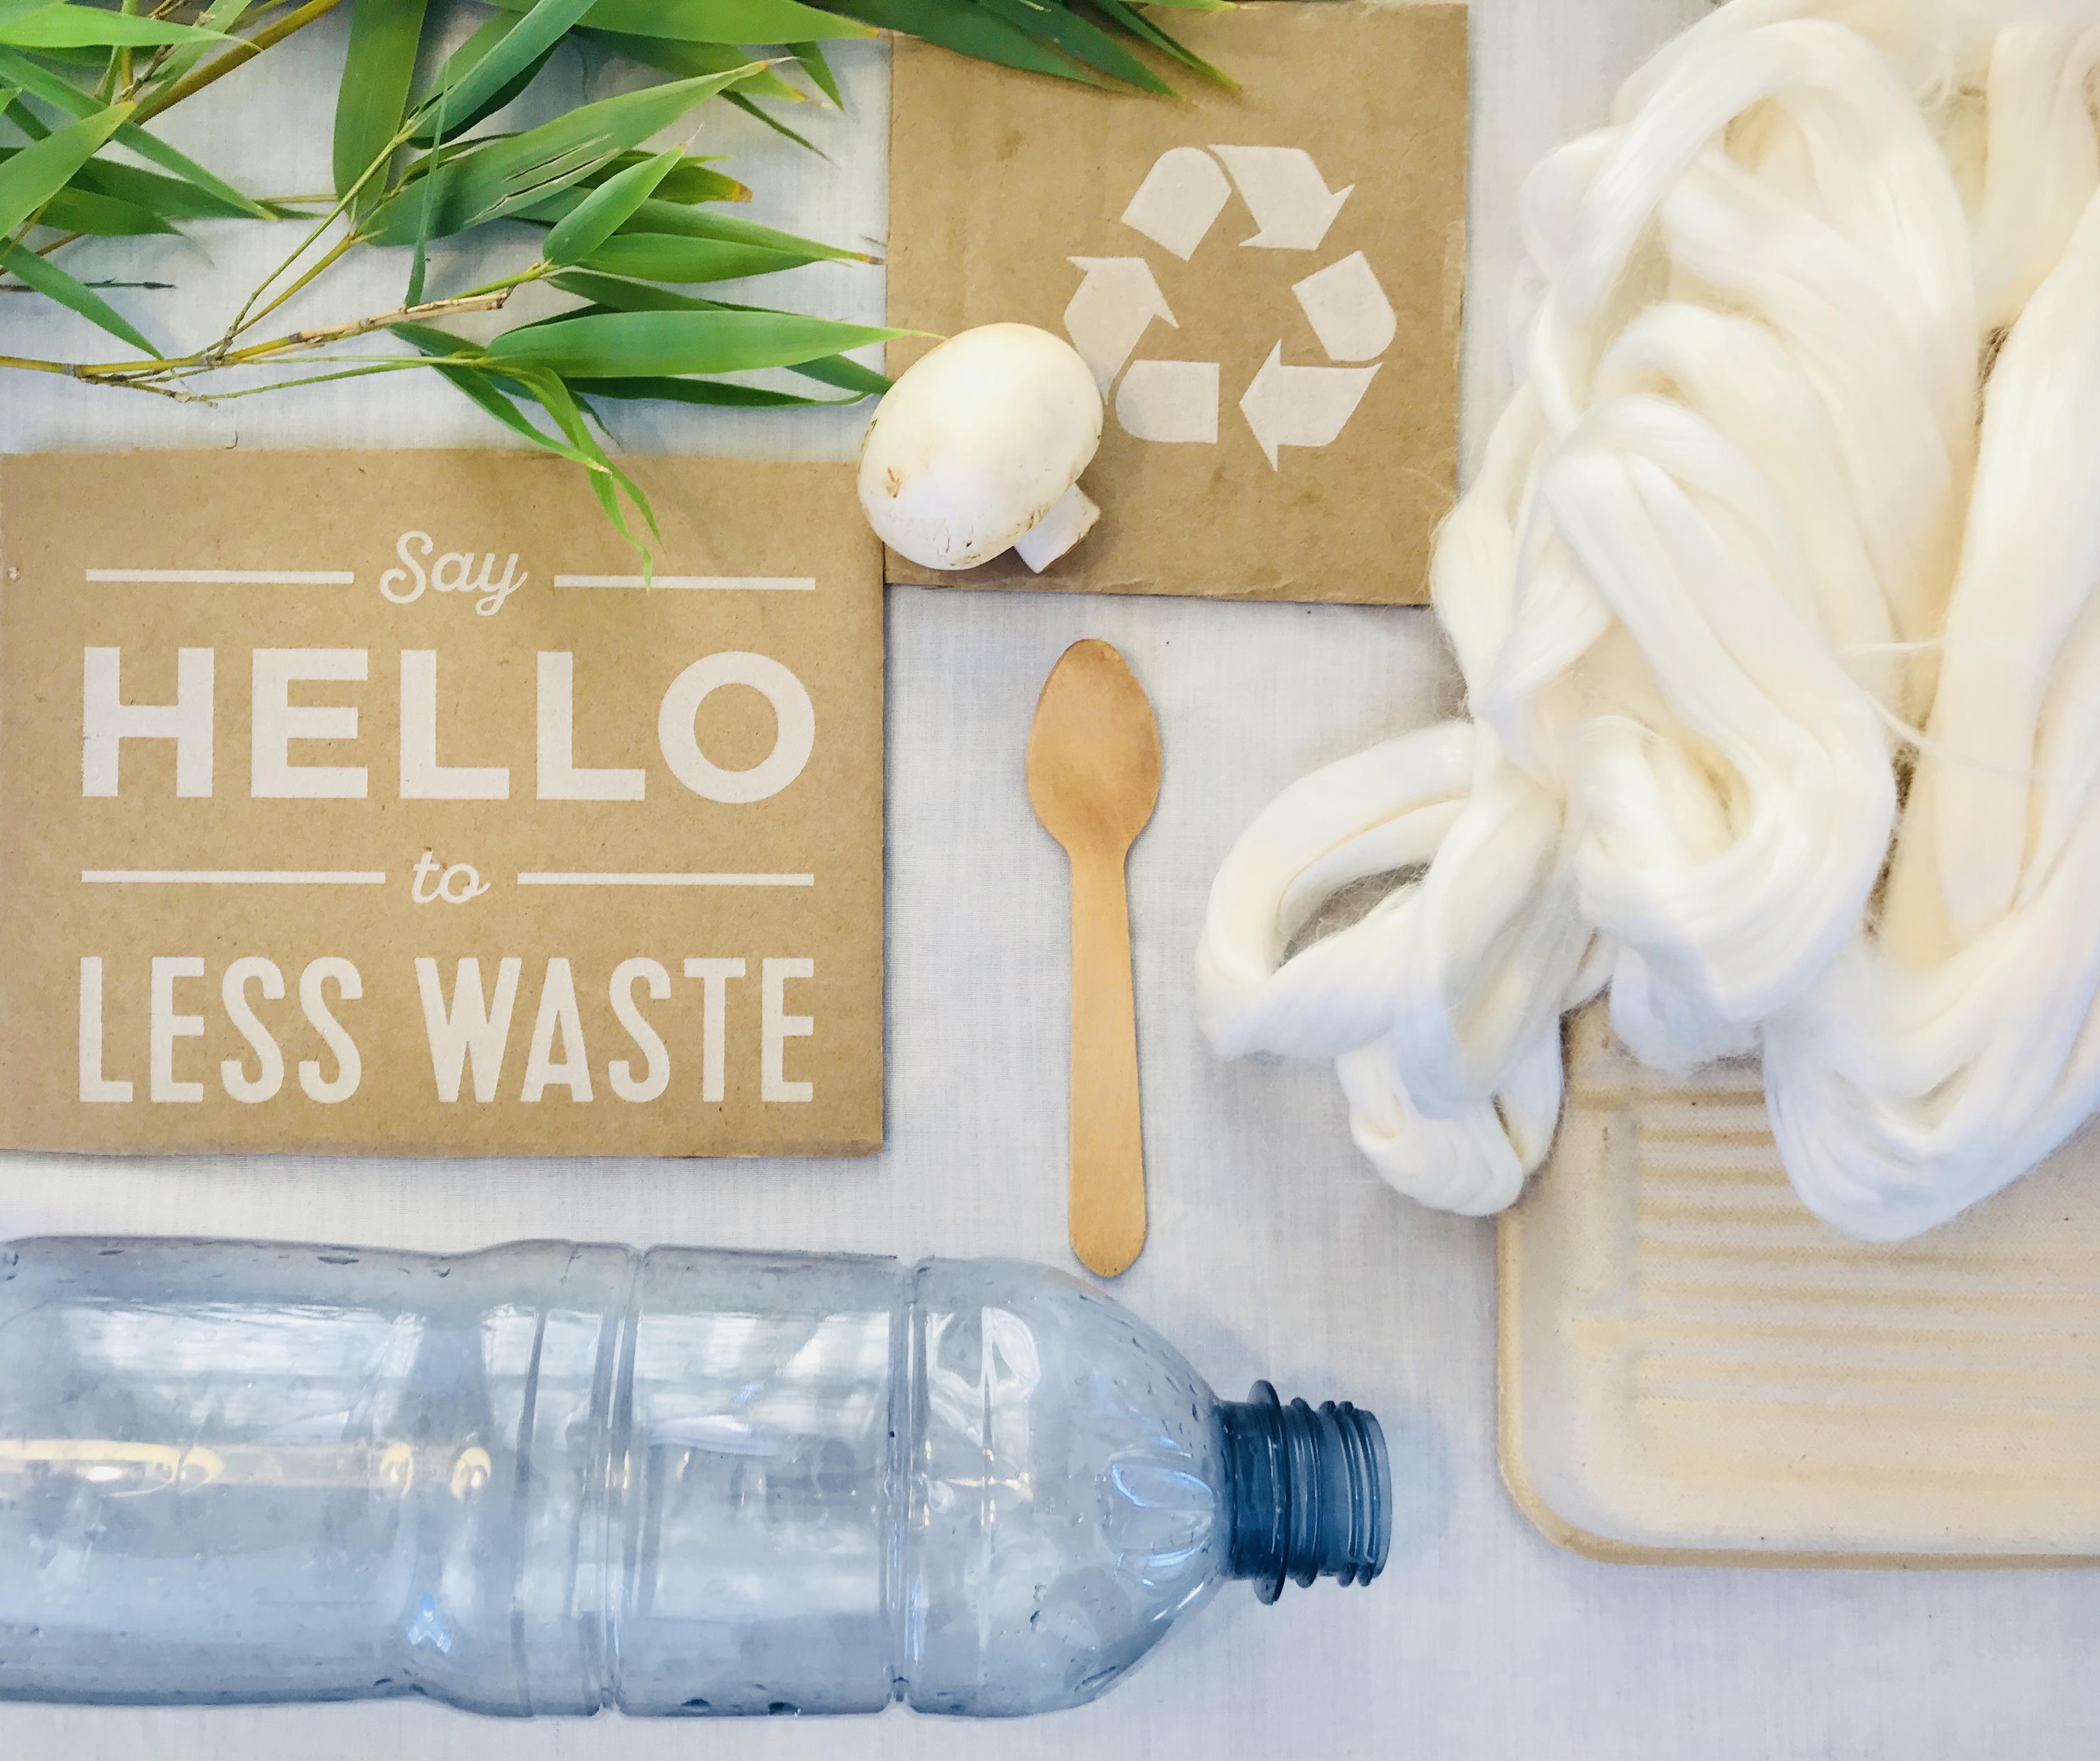 water bottle, spoon, mushroom, recycle sign, wool